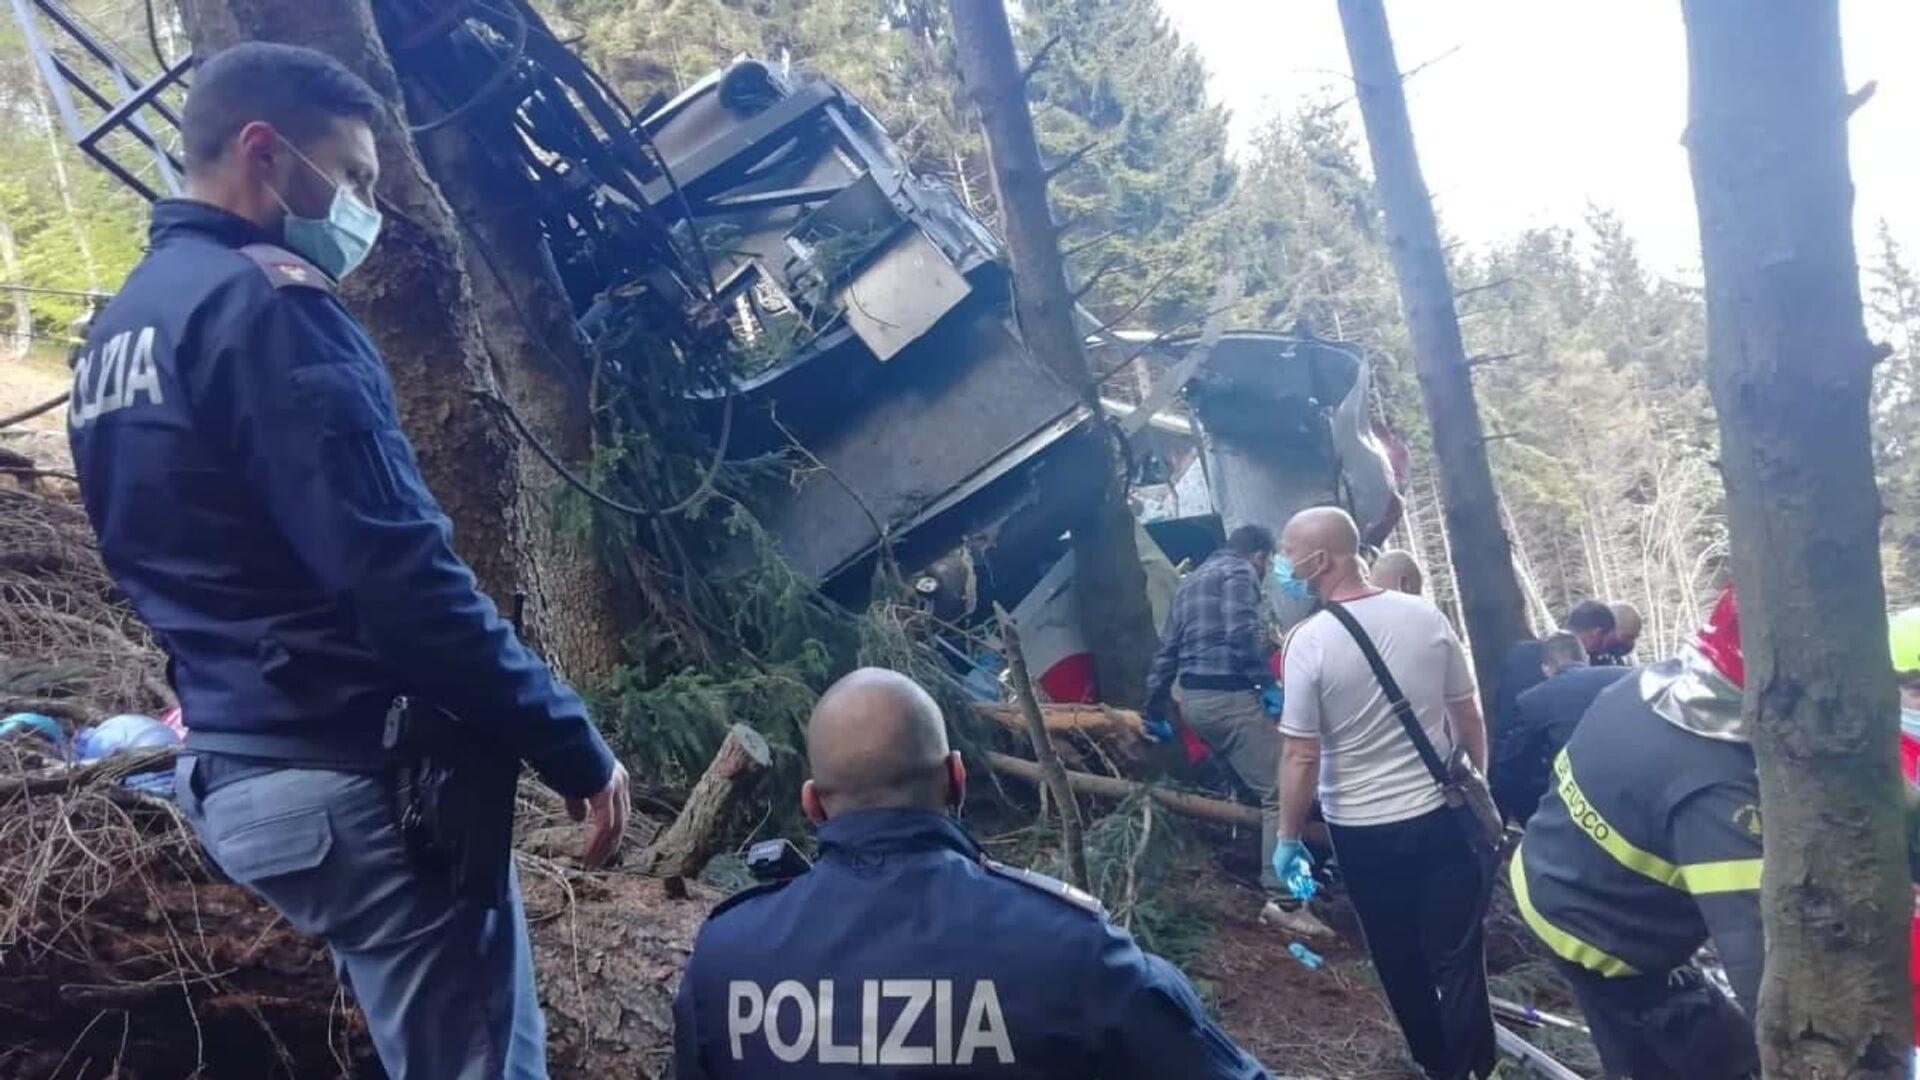 Funivia del Mottarone, arrestati 3 responsabili per omicidio colposo plurimo